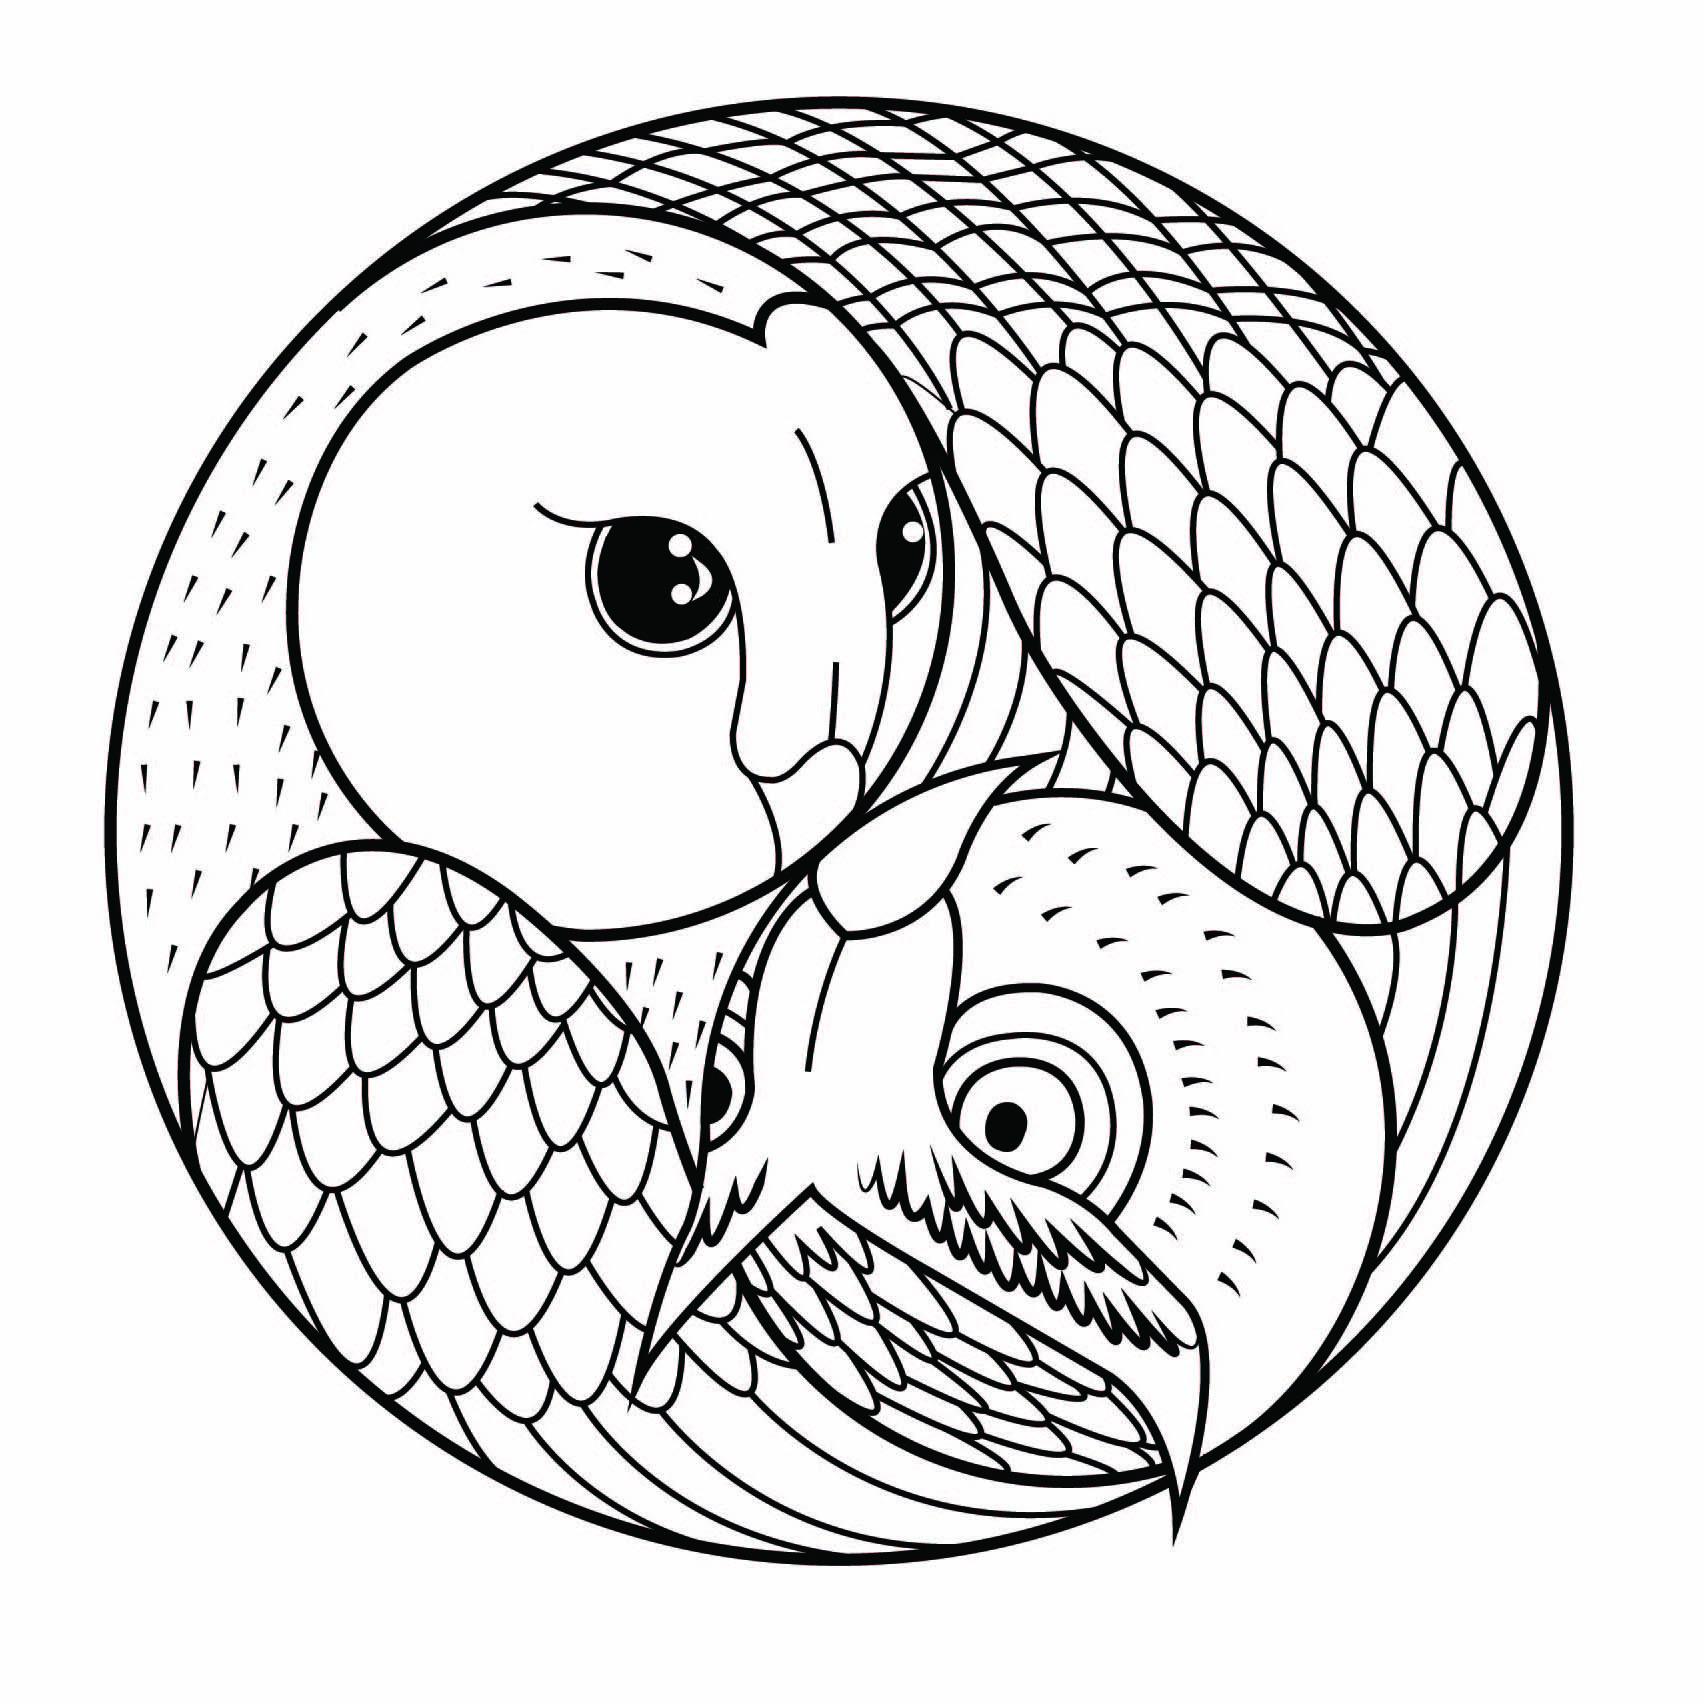 Mandala Hibou & Chouette - Mandalas Sur Le Thème Des Animaux pour Hibou A Imprimer